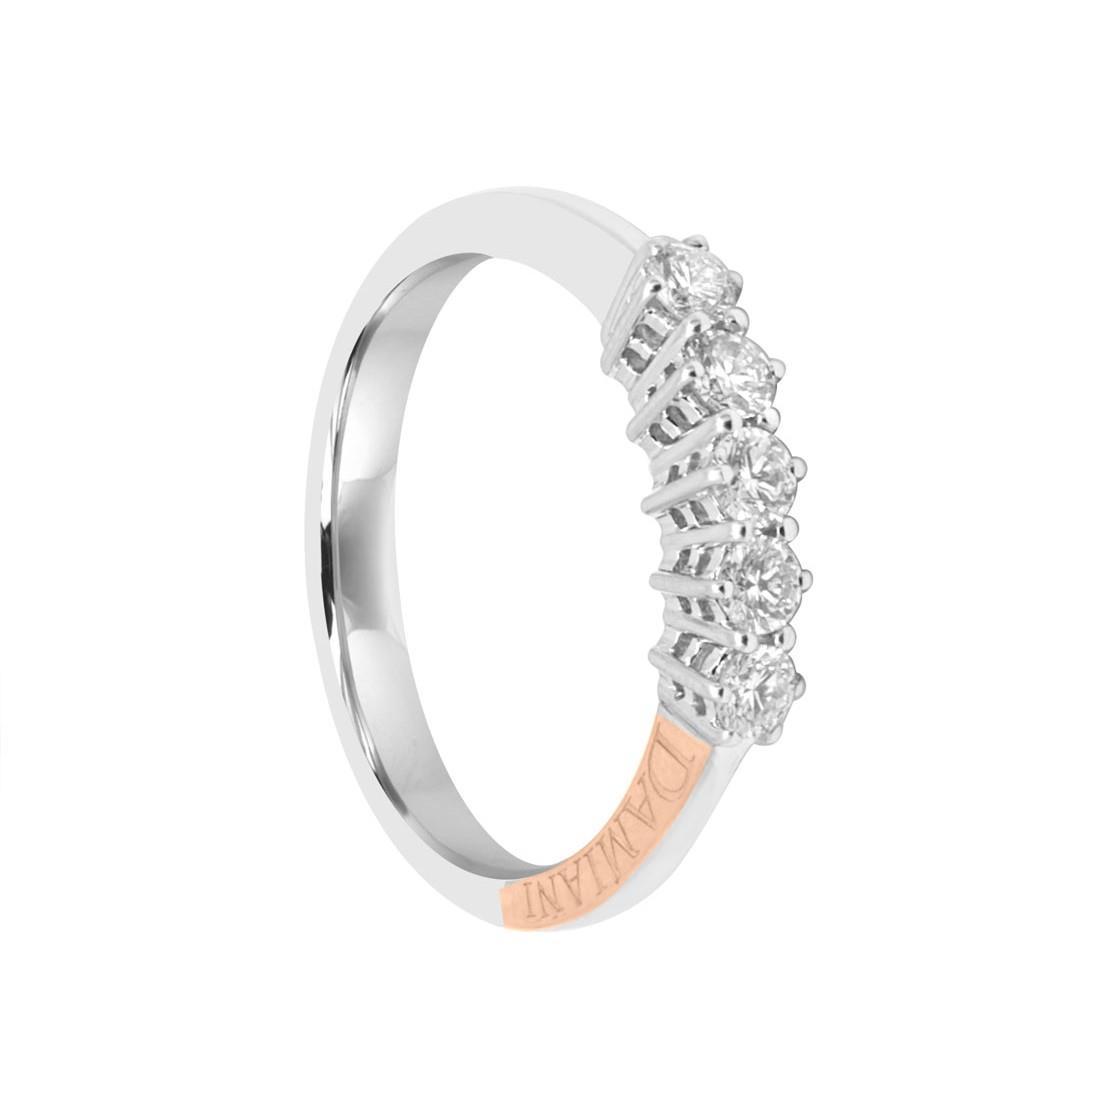 Anello veretta  in oro bianco e 5 diamanti ct 0.40 - DAMIANI